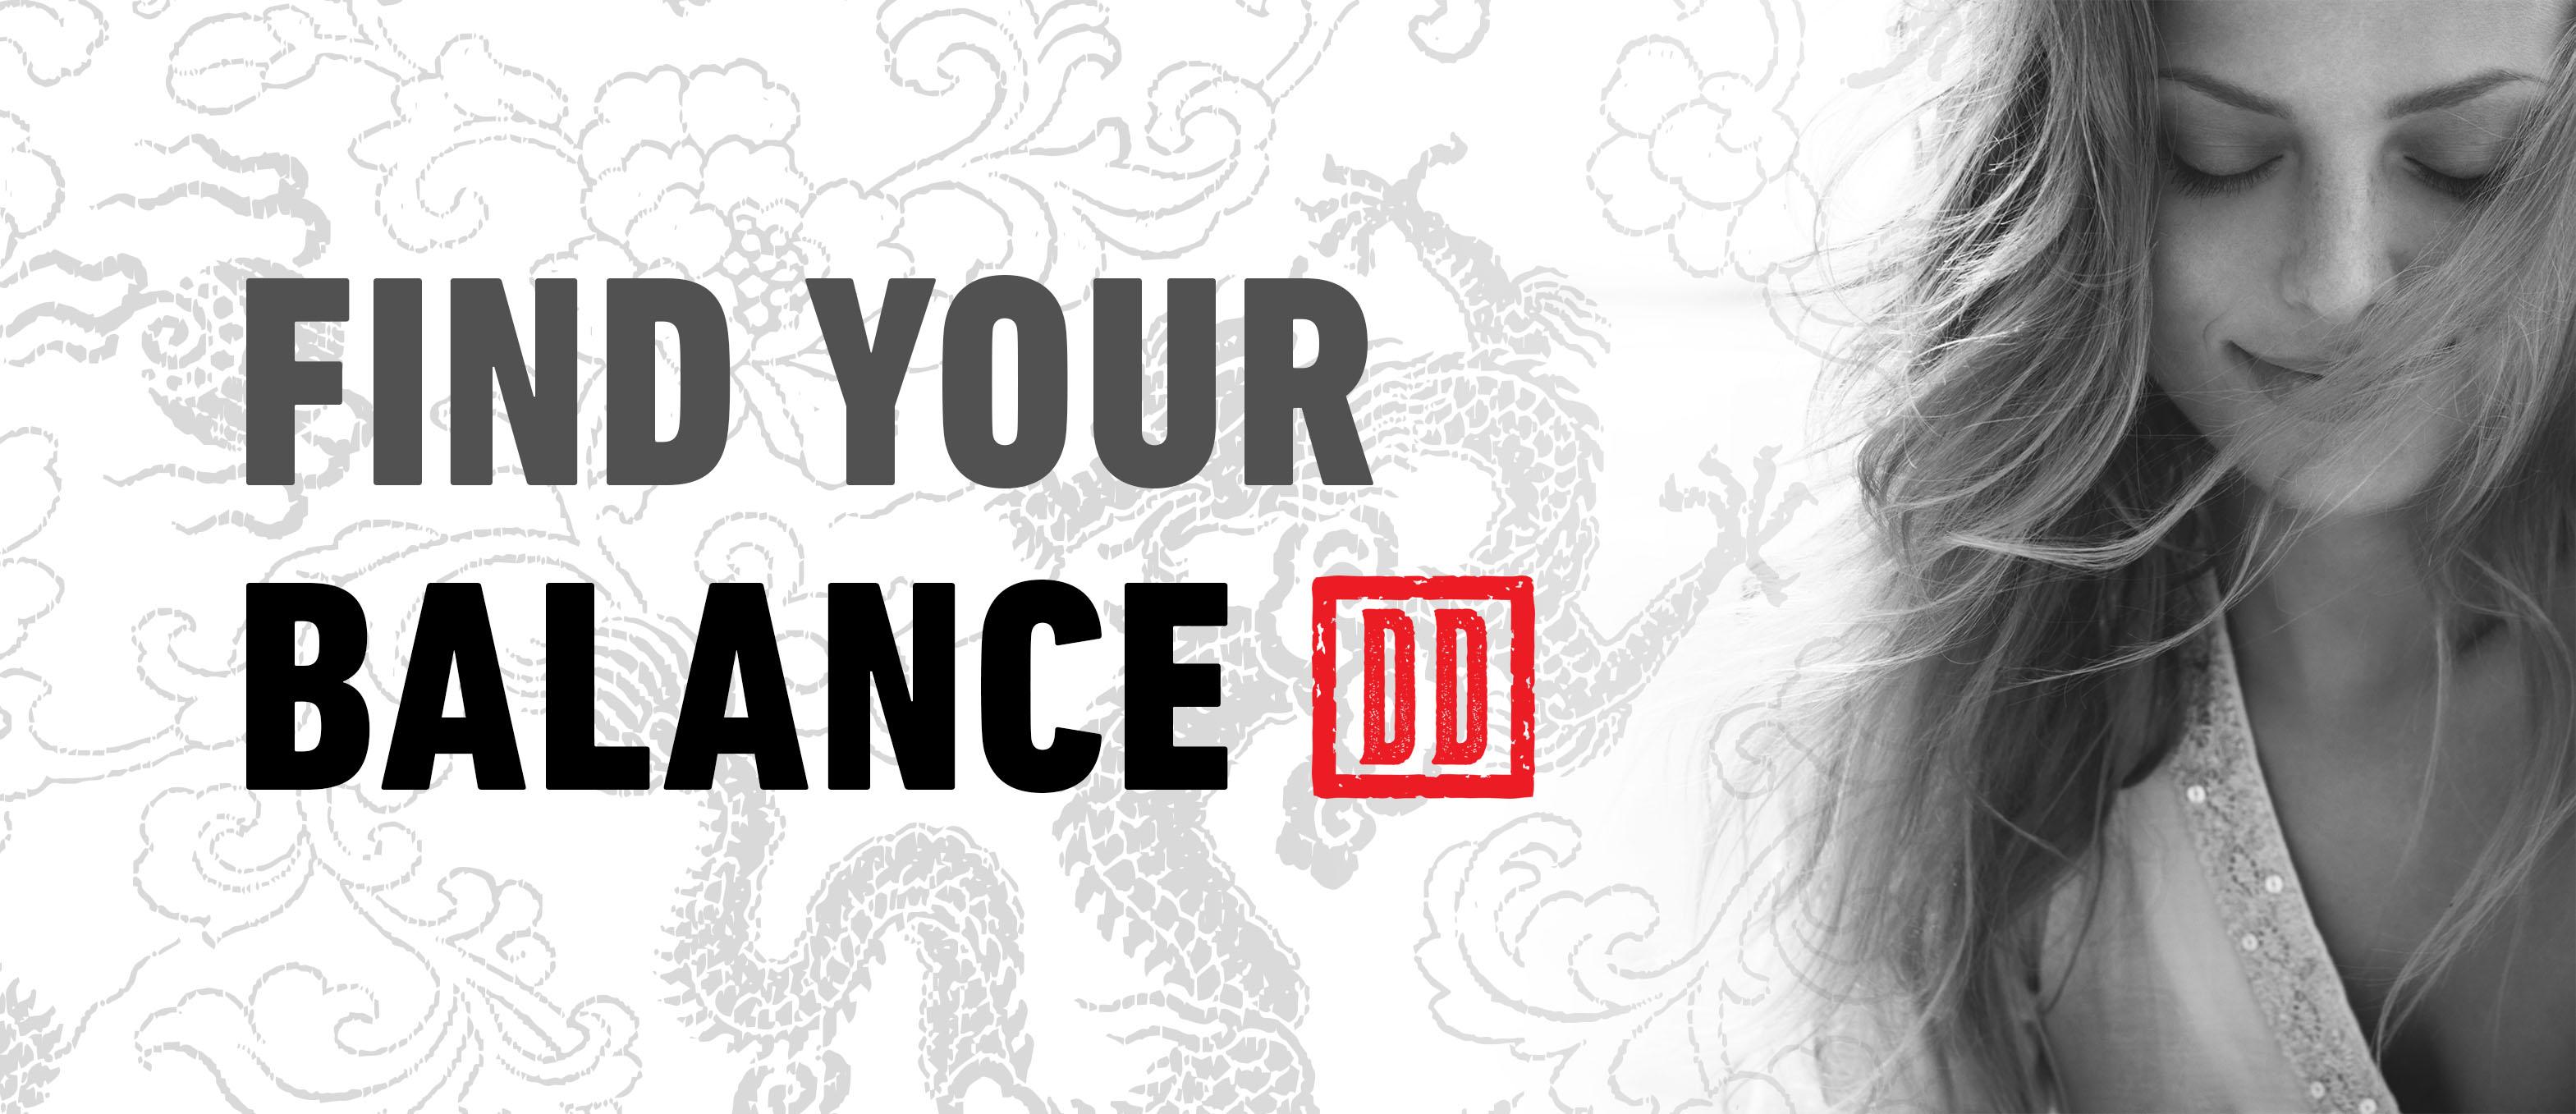 Find your balance – DD